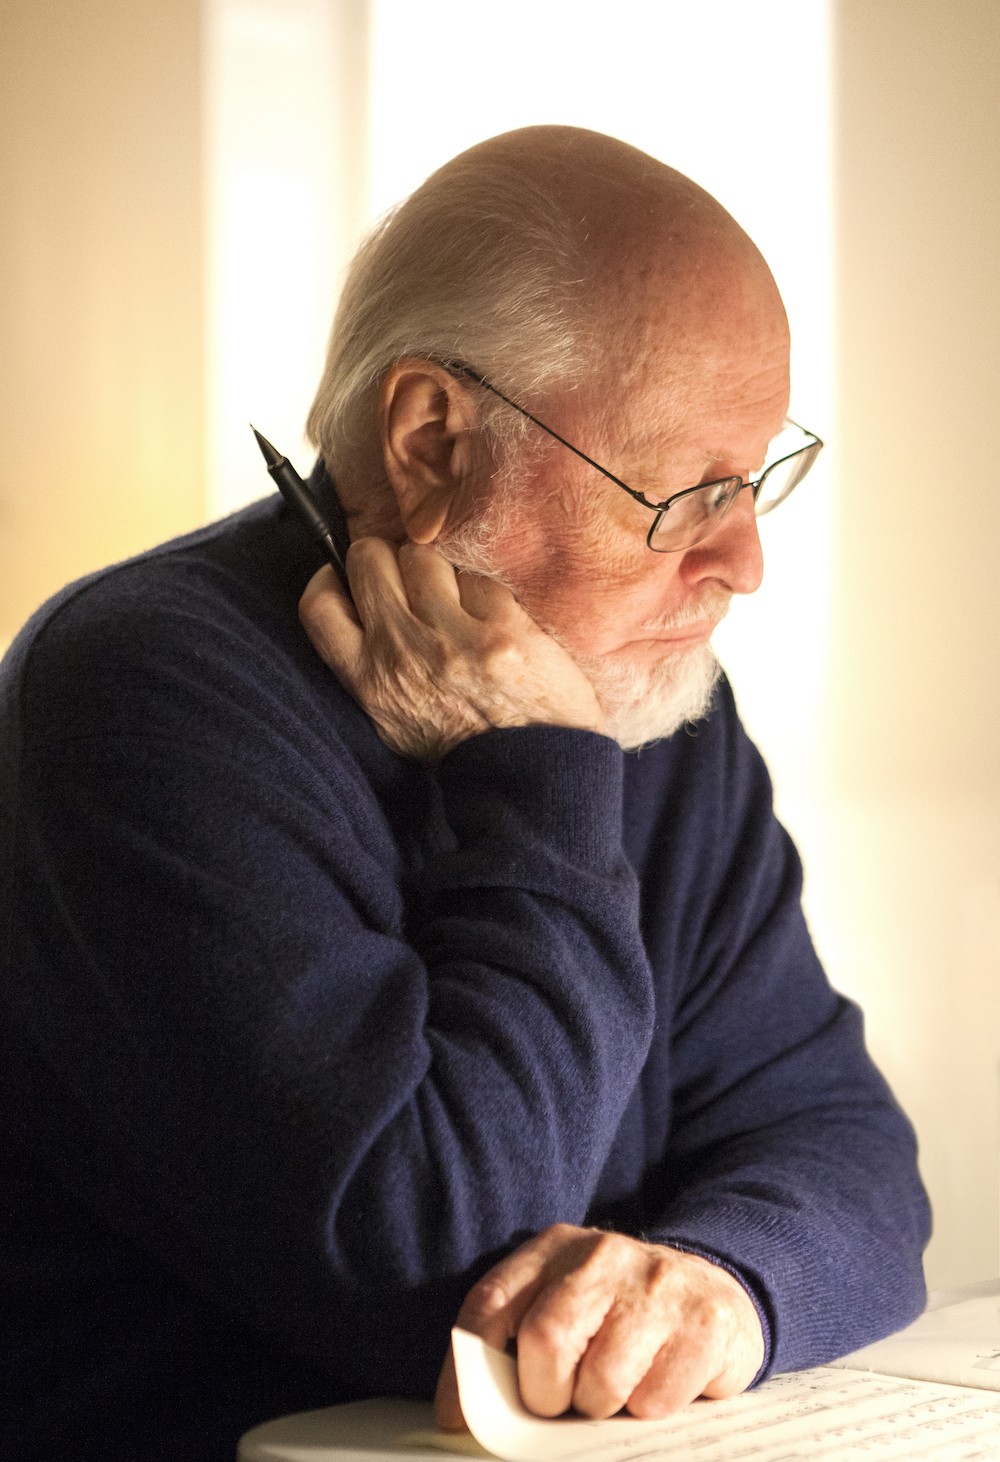 ジョン・ウィリアムズ (C) Lefterisphoto.com